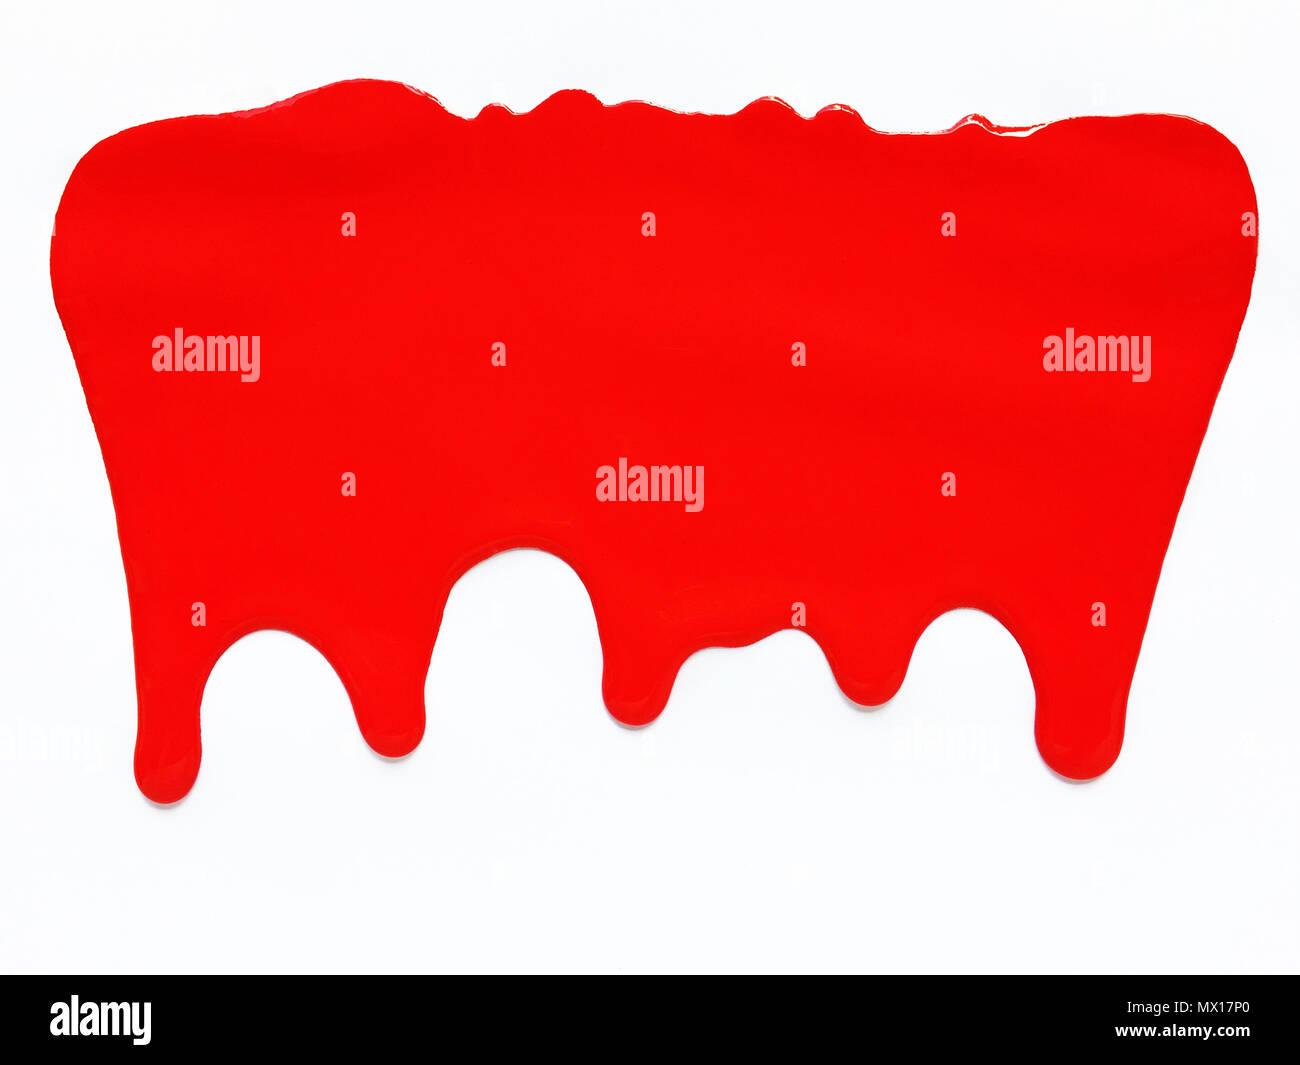 Rote Farbe Tropft Farbe Hintergrund Weisser Hintergrund Stockfoto